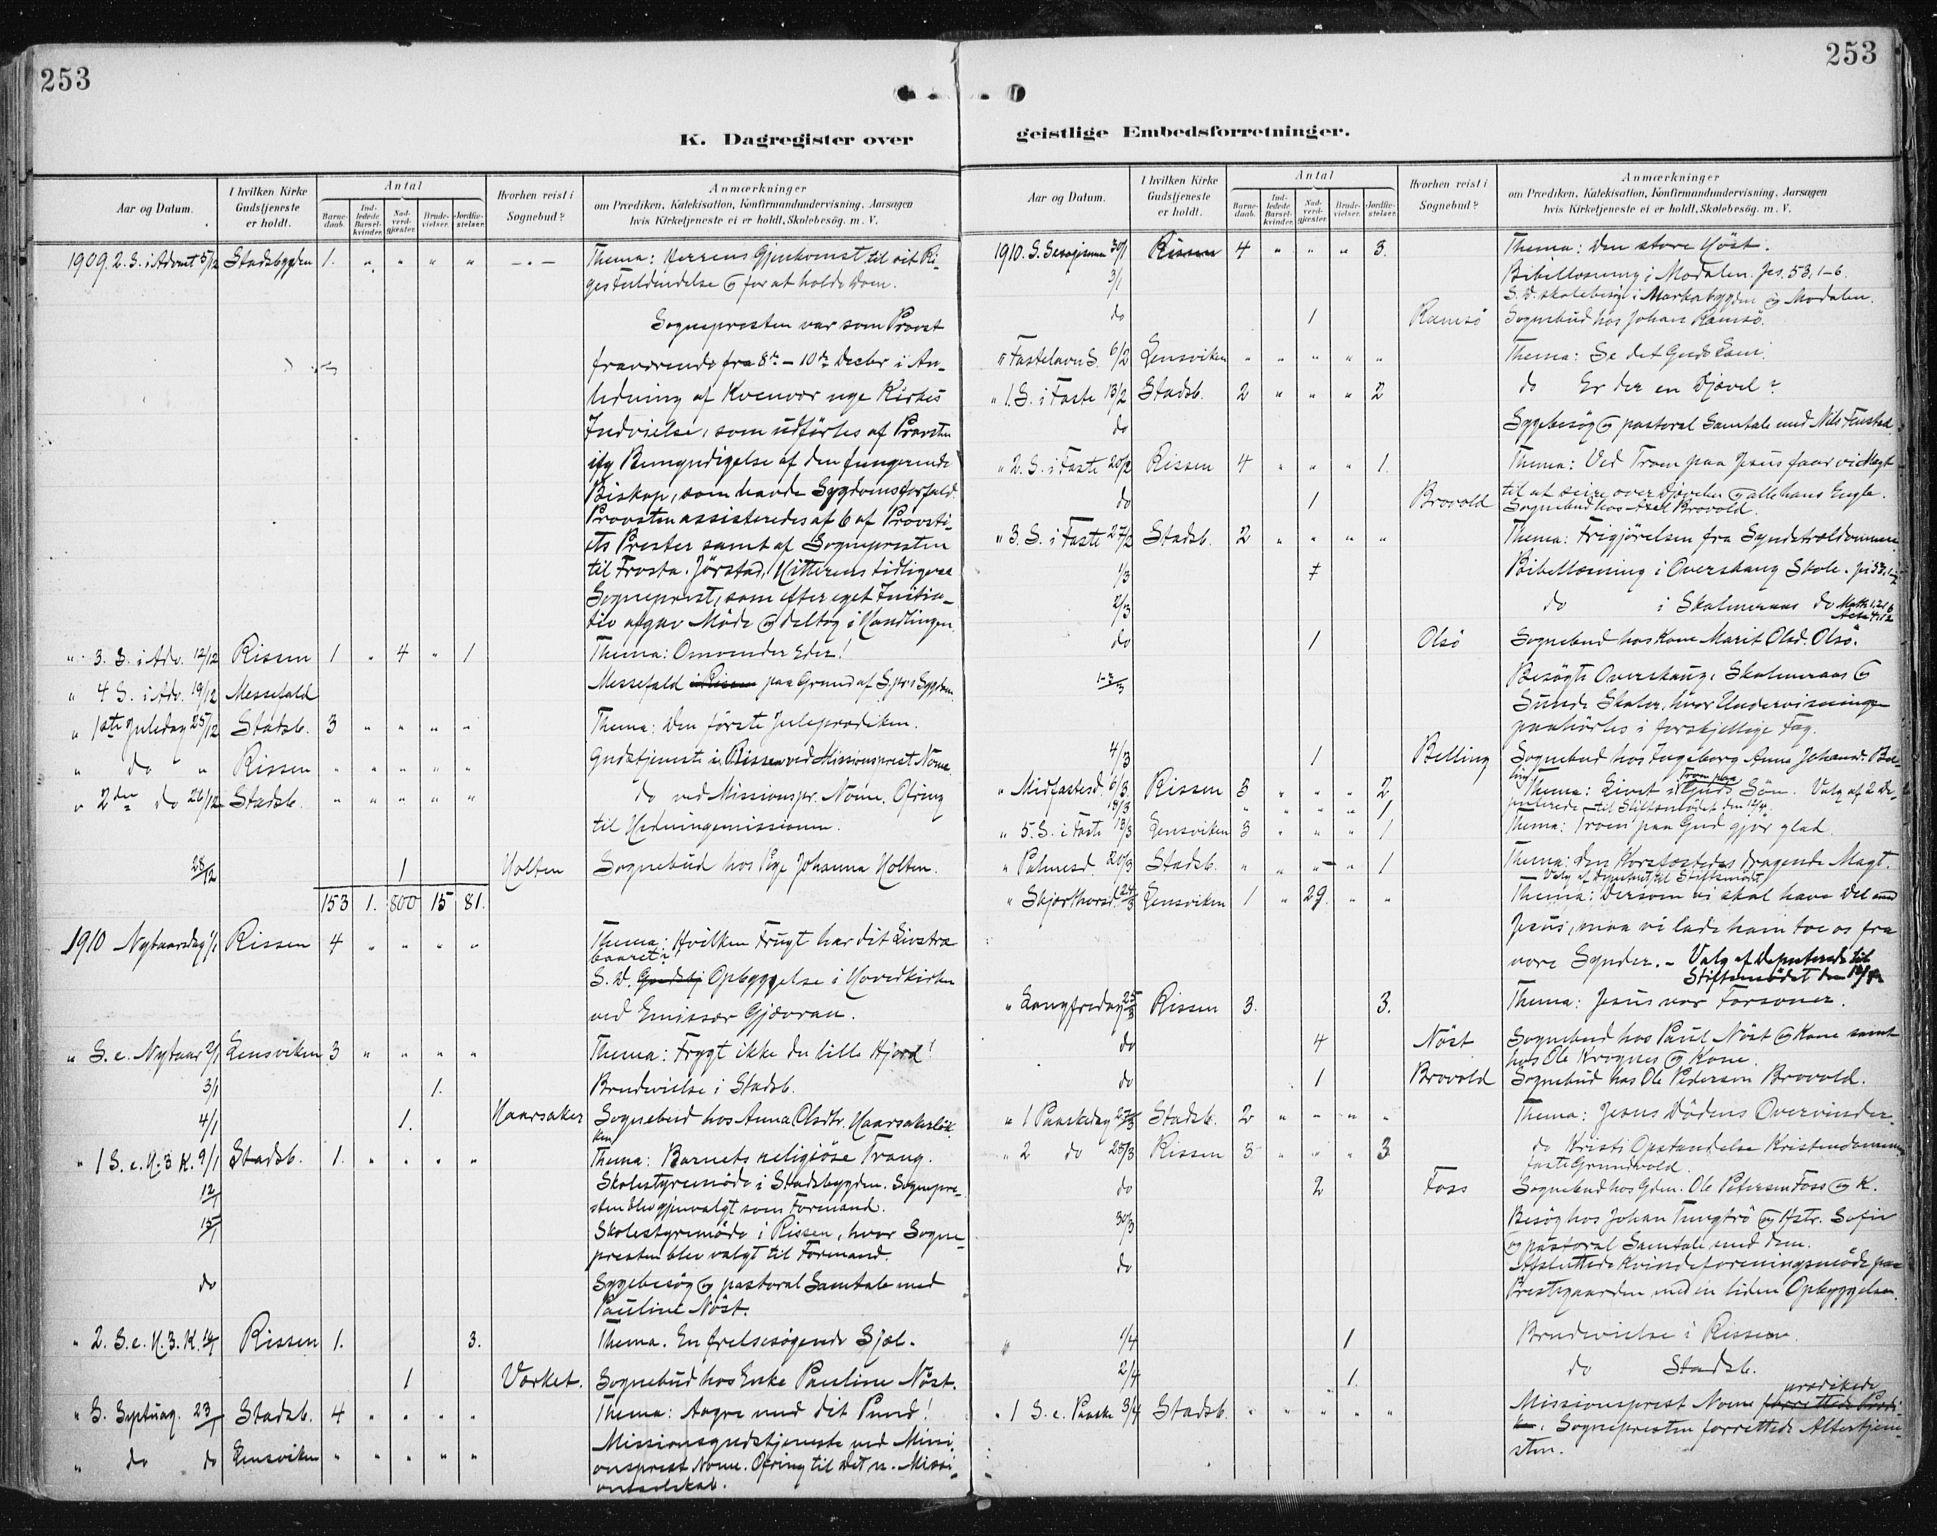 SAT, Ministerialprotokoller, klokkerbøker og fødselsregistre - Sør-Trøndelag, 646/L0616: Ministerialbok nr. 646A14, 1900-1918, s. 253